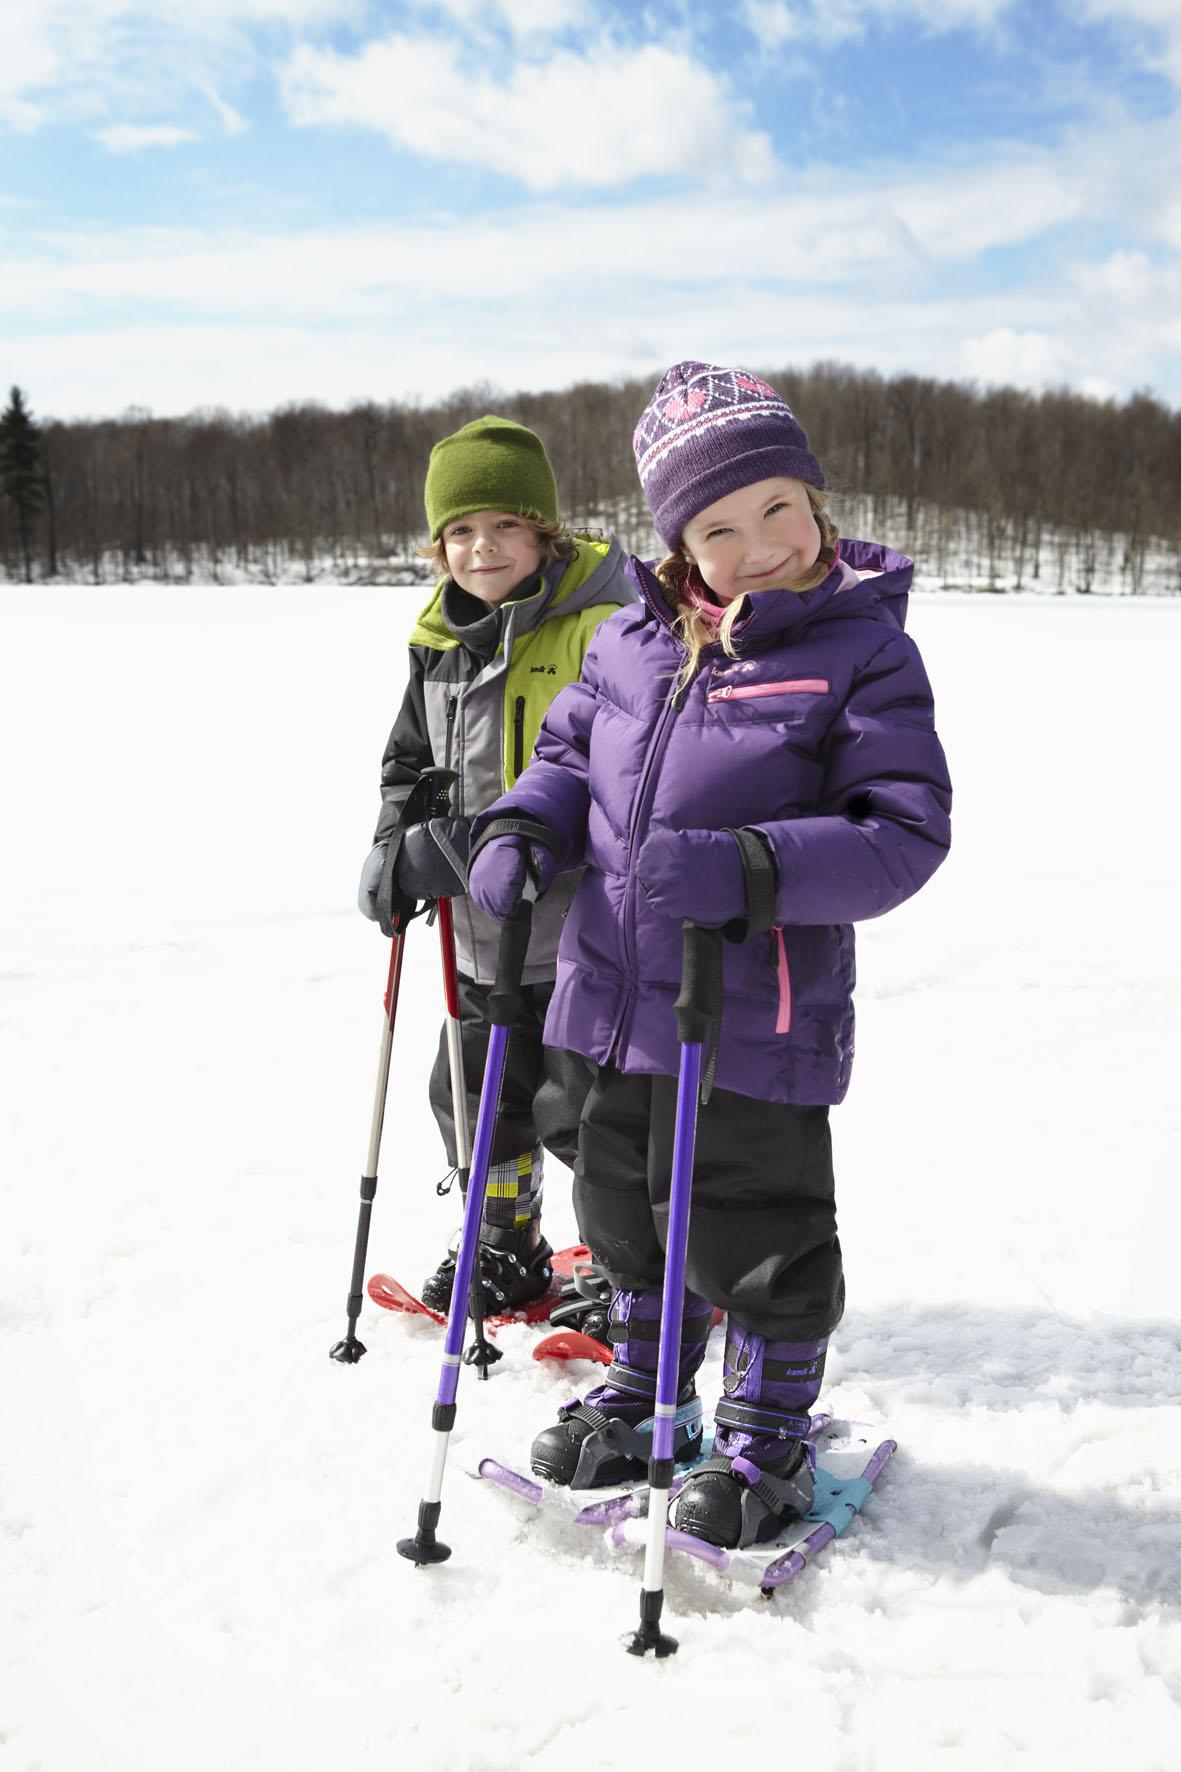 Kinderbekleidung kommt jetzt auch von Kamik. Ab sofort ist die Regenkleidung für die Outdoor Kids erhältlich. Foto. (c) Kamik